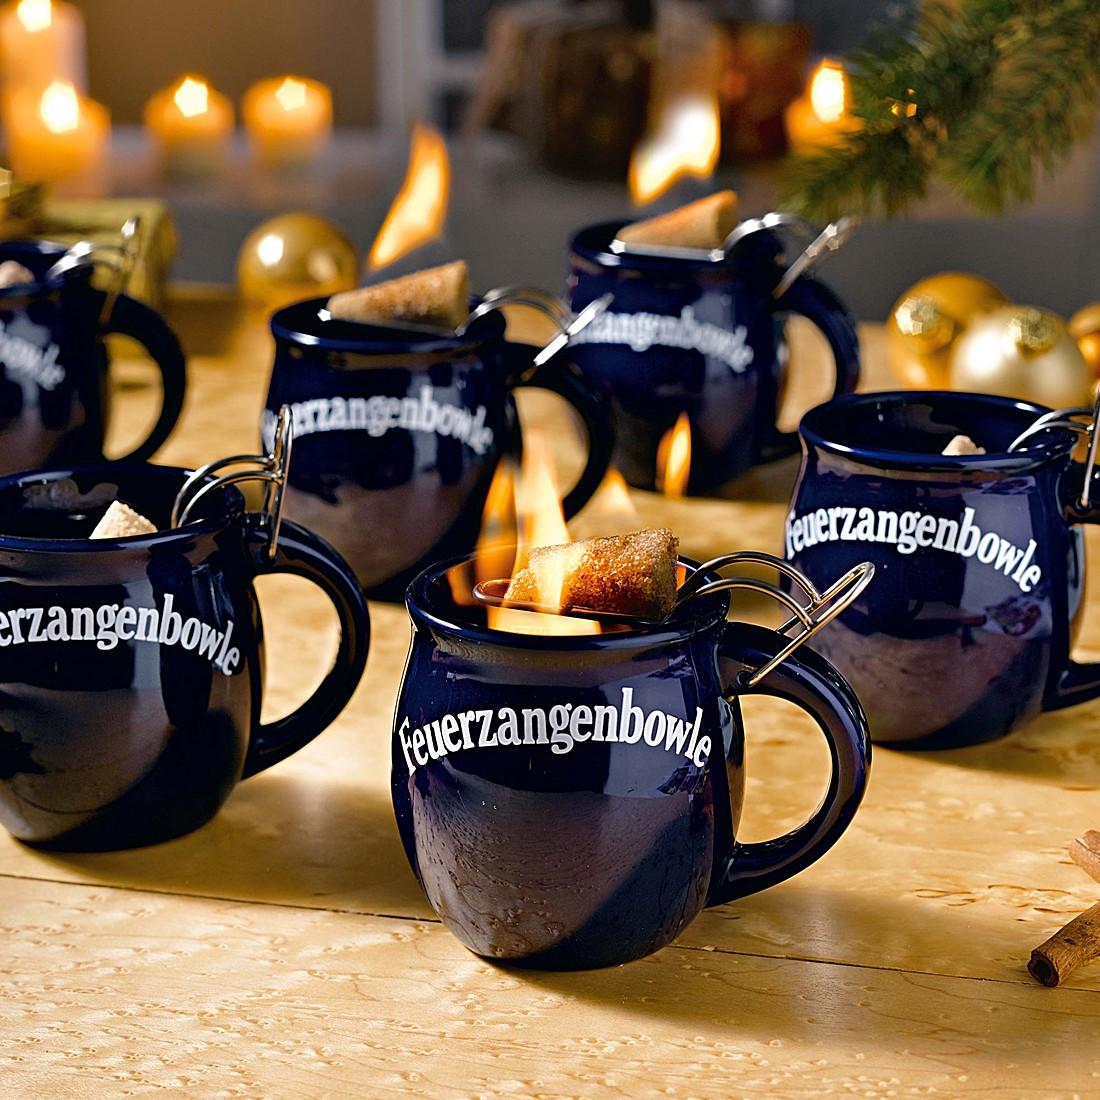 Feuerzangentassen-Set (6-teilig) – Keramik/Metall – Blau, PureDay günstig online kaufen